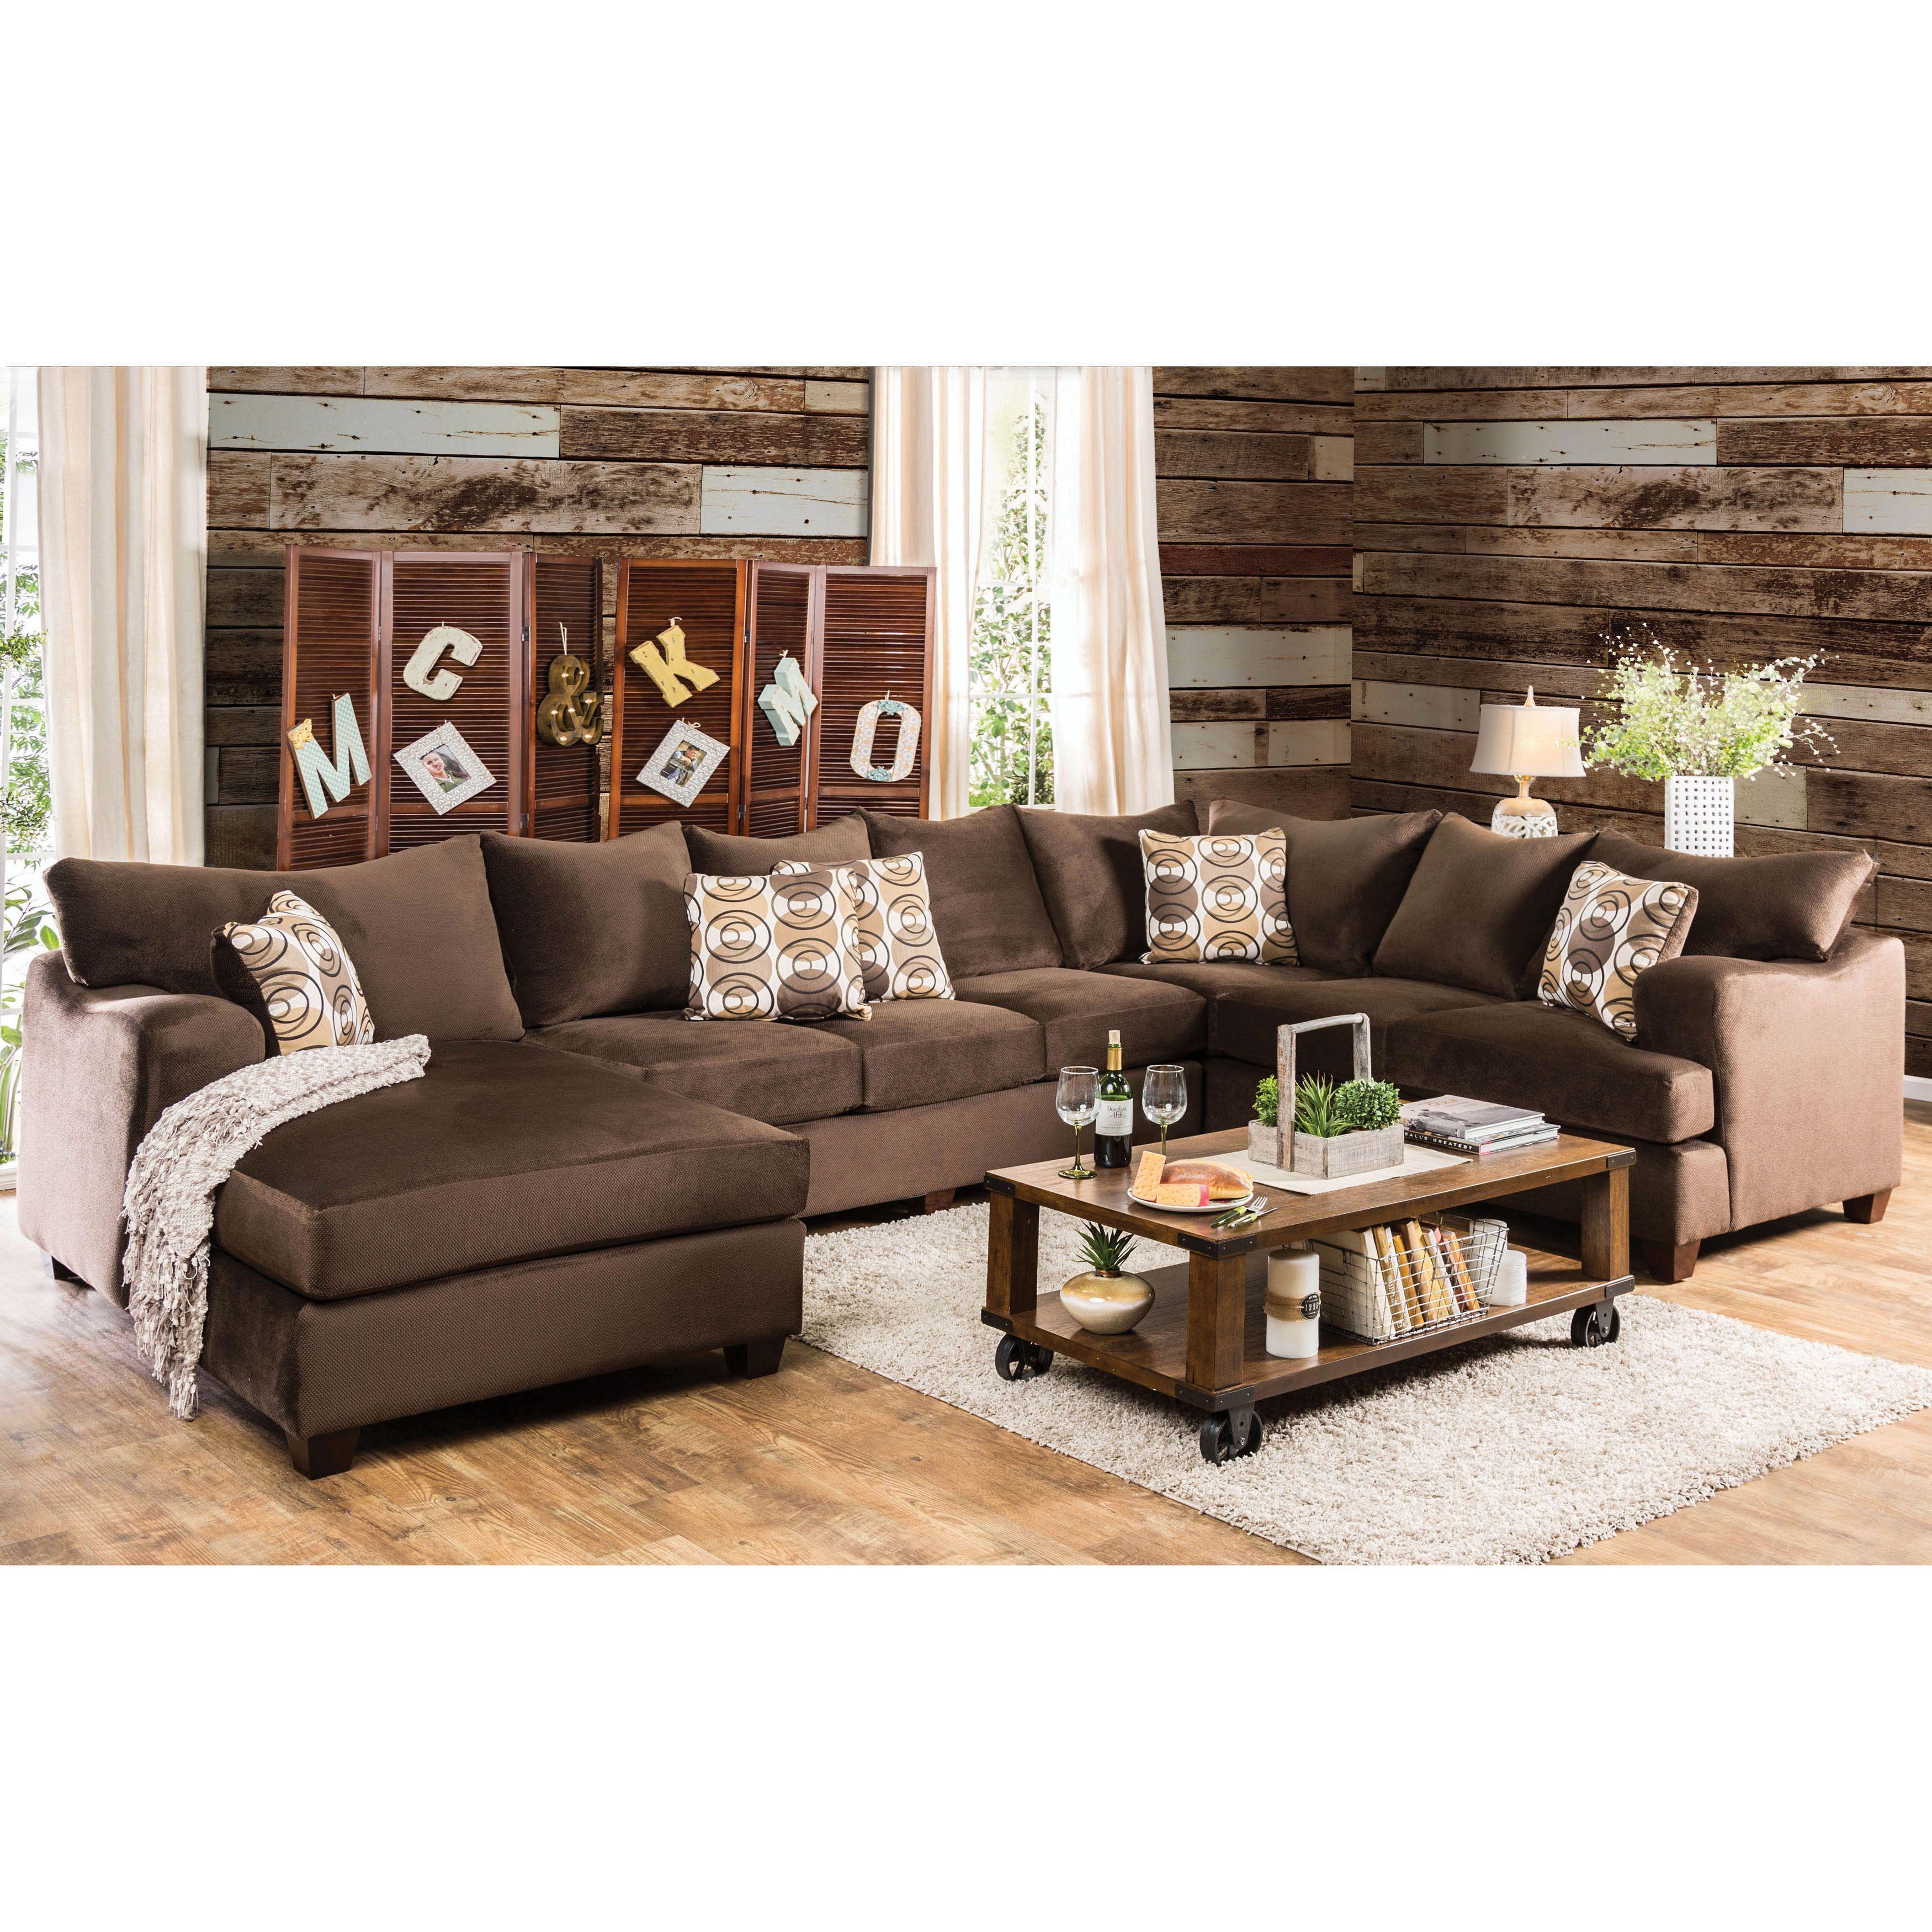 Furniture of America Nisha I Modern Chocolate